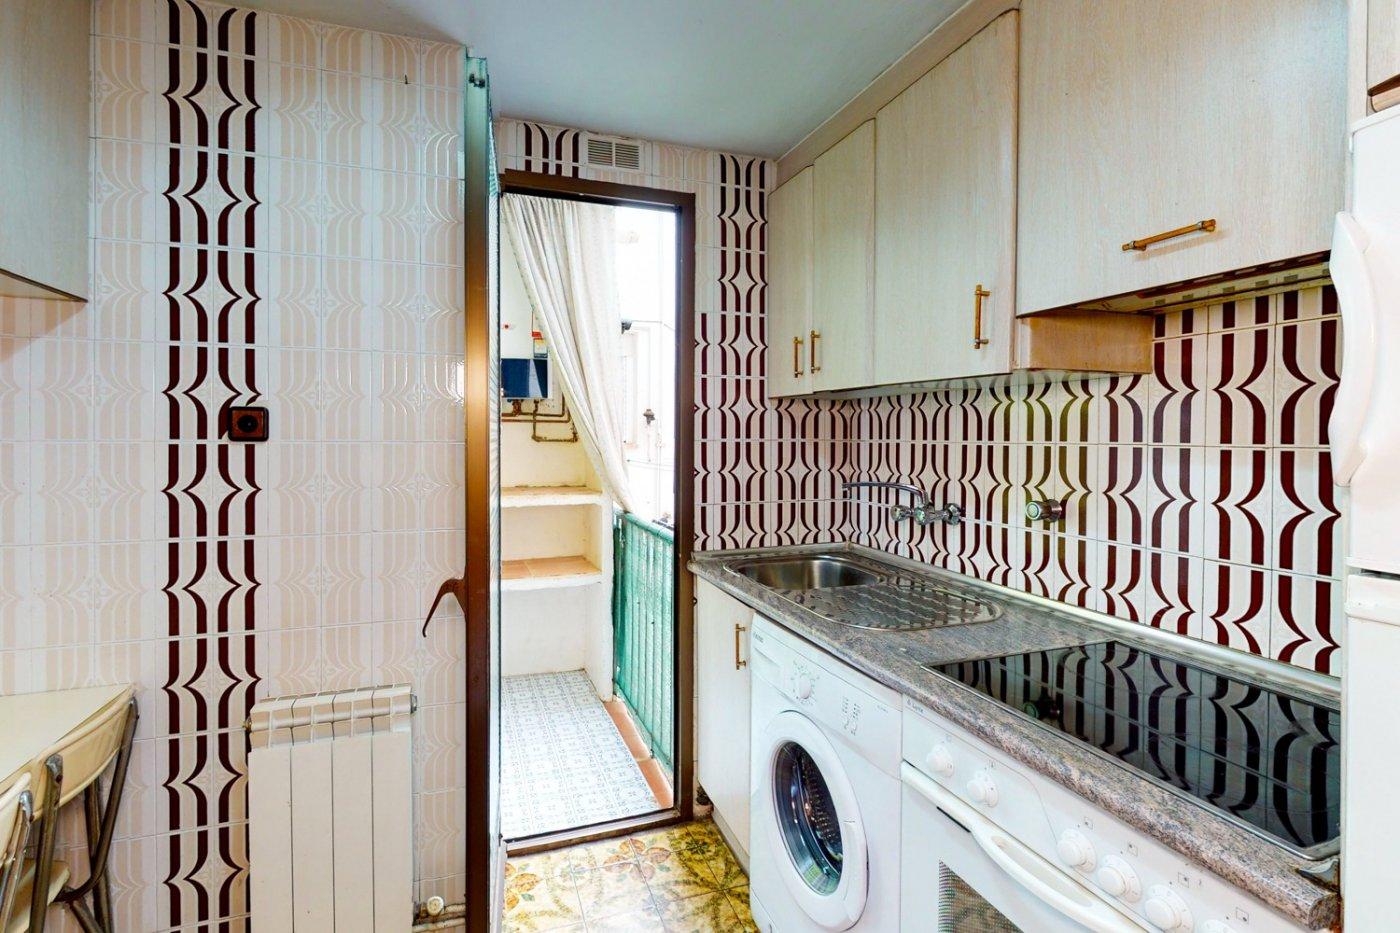 Piso a la venta en c/ lugo, exterior, de tres dormitorios, salon, cocina y baÑo. - imagenInmueble9